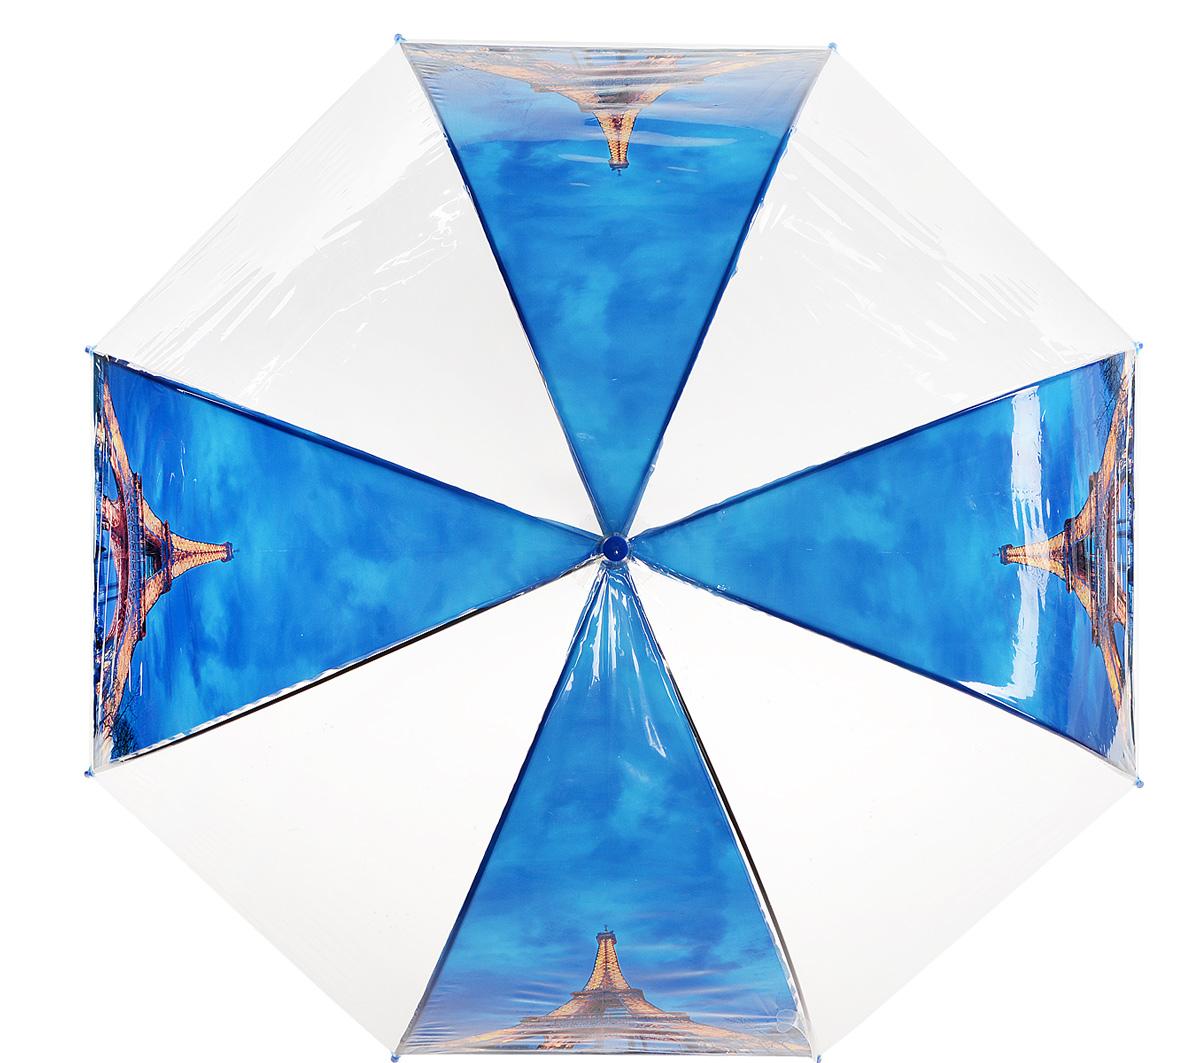 Зонт Kawaii Factory Paris Night, цвет: прозрачный, синий. KW042-000163KW042-000163Стильный прозрачный зонт-трость Paris Night от Kawaii Factory станет вам бесценным помощником в любую непогоду. Этому аксессуару не страшен ни проливной дождь, ни сильный ветер. Его главные преимущества - большой купол и прочная конструкция. Зонт состоит из стержня и 8 спиц, изготовленных из металла. Купол изготовлен из качественного ПВХ, который надежно защитит вас от дождя. Зонт дополнен удобной ручкой из пластика, которая выполнена в виде крючка. Также зонт имеет пластиковый наконечник, который устраняет попадание воды на стержень и уберегает зонт от повреждений. Изделие имеет полуавтоматический механизм сложения: купол открывается нажатием кнопки на ручке, а складывается вручную до характерного щелчка. Зонт закрывается хлястиком на кнопку. Яркий прозрачный зонт-трость Paris Night примечателен еще и стильным рисунком. На нем красуется известная всему миру парижская достопримечательность. С такой картиной затеряться в толпе просто невозможно.